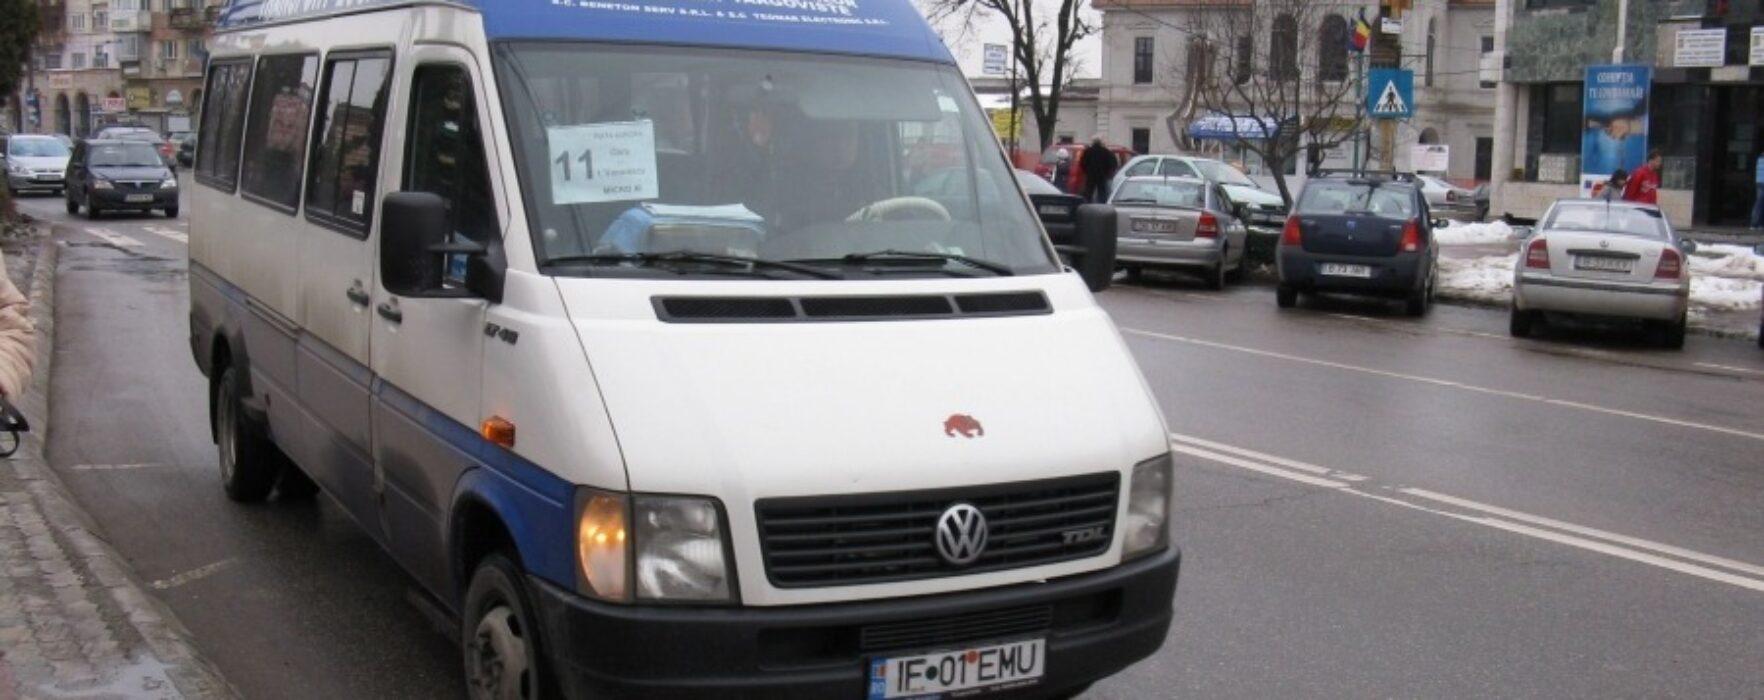 Trasee de transport public din Târgovişte, modificate din cauza vremii